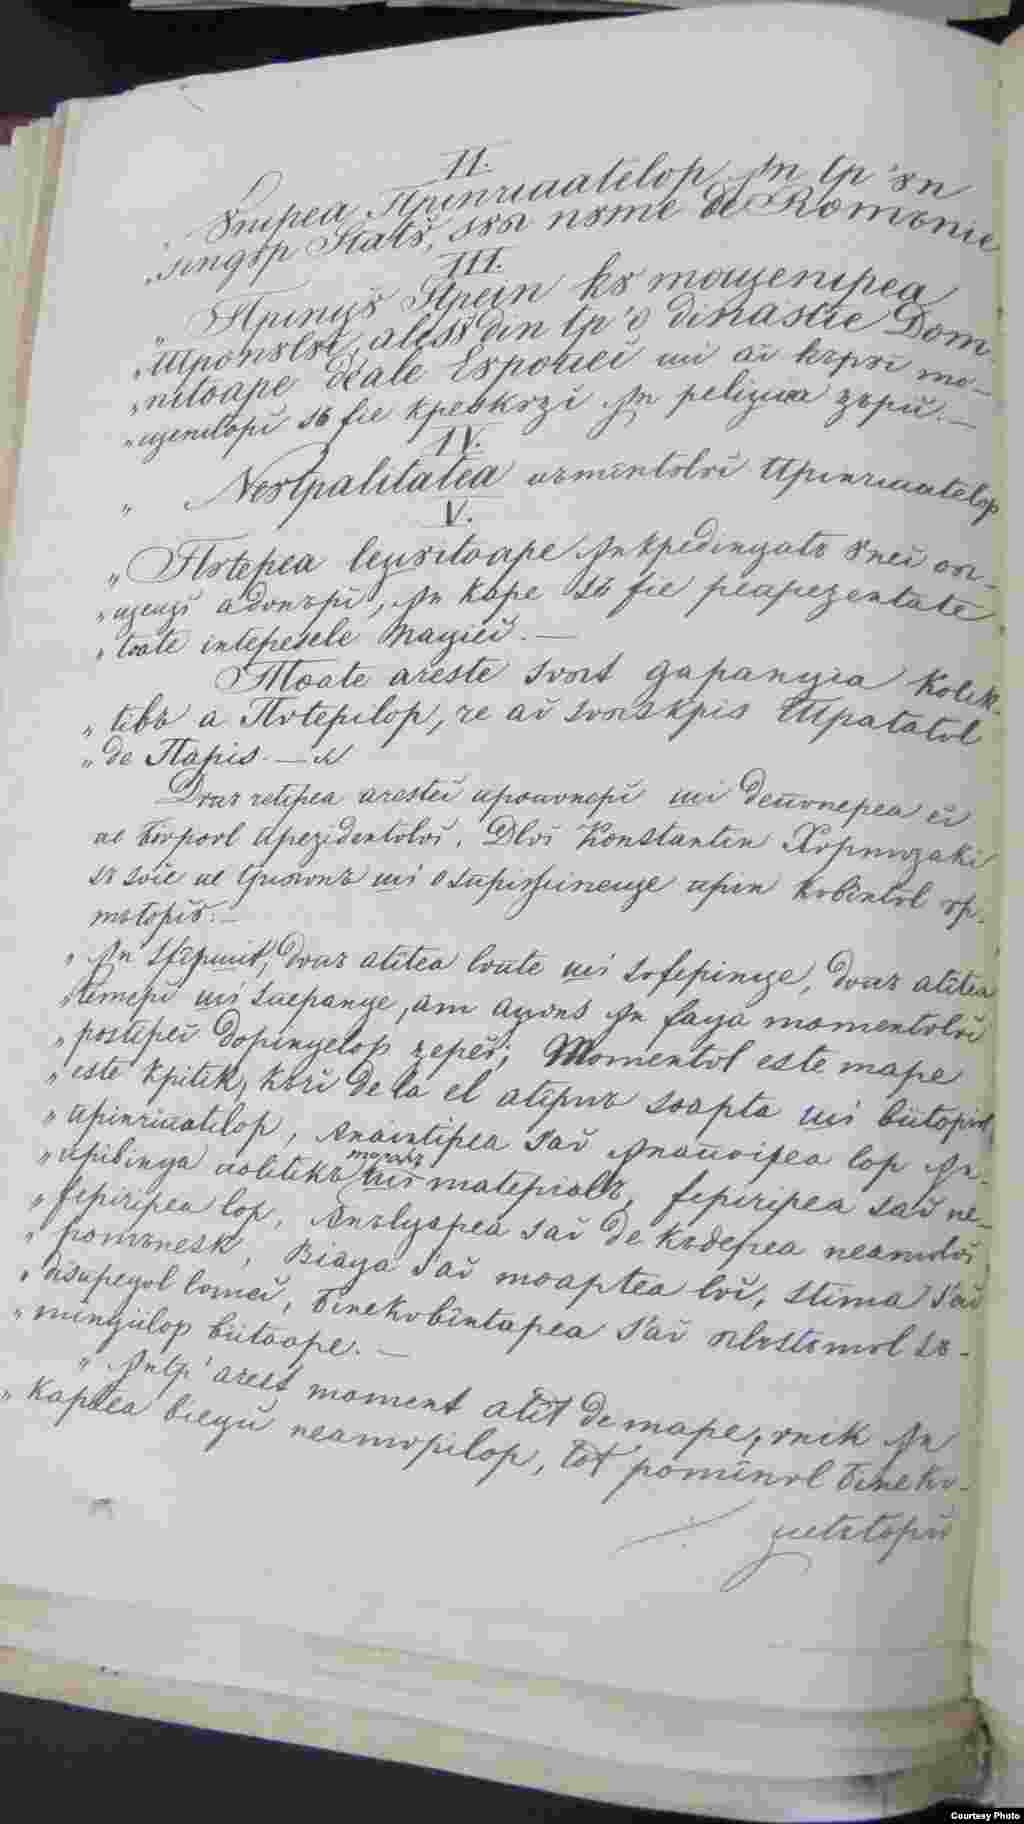 Cererile Divanului Ad Hoc din Moldova, așa cum au fost ele transmise, potrivit acestui document oficial de la Arhivele Naționale, au fost: 1. Respectarea AUTONOMIEI țării, așa cum a fost ea stabilită prin vechile acorduri cu Imperiul Otoman, 2. UNIREA PRINCIPATELOR Moldova și Țara Românească într-un singur stat. 3. Înscăunarea pe tronul noului stat a unui PRINCIPE STRĂIN dintr-o dinastie occidentală - era o modalitate de a conecta Principatele la Europa monarhică a vremii, și, mai ales, de a pune capăt certurilor permanente dintre familiile românești de os domnesc) 4. NEUTRALITATE - cererea la capătul a aproape 100 de ani de ocupații militare succesive rusești, otomane și austriece. 5. REFORME sociale astfel încât categorii mai largi de populație să fie reprezentate. Cereri similare au făcut și delegații munteni la Adunarea Ad-Hoc de la București